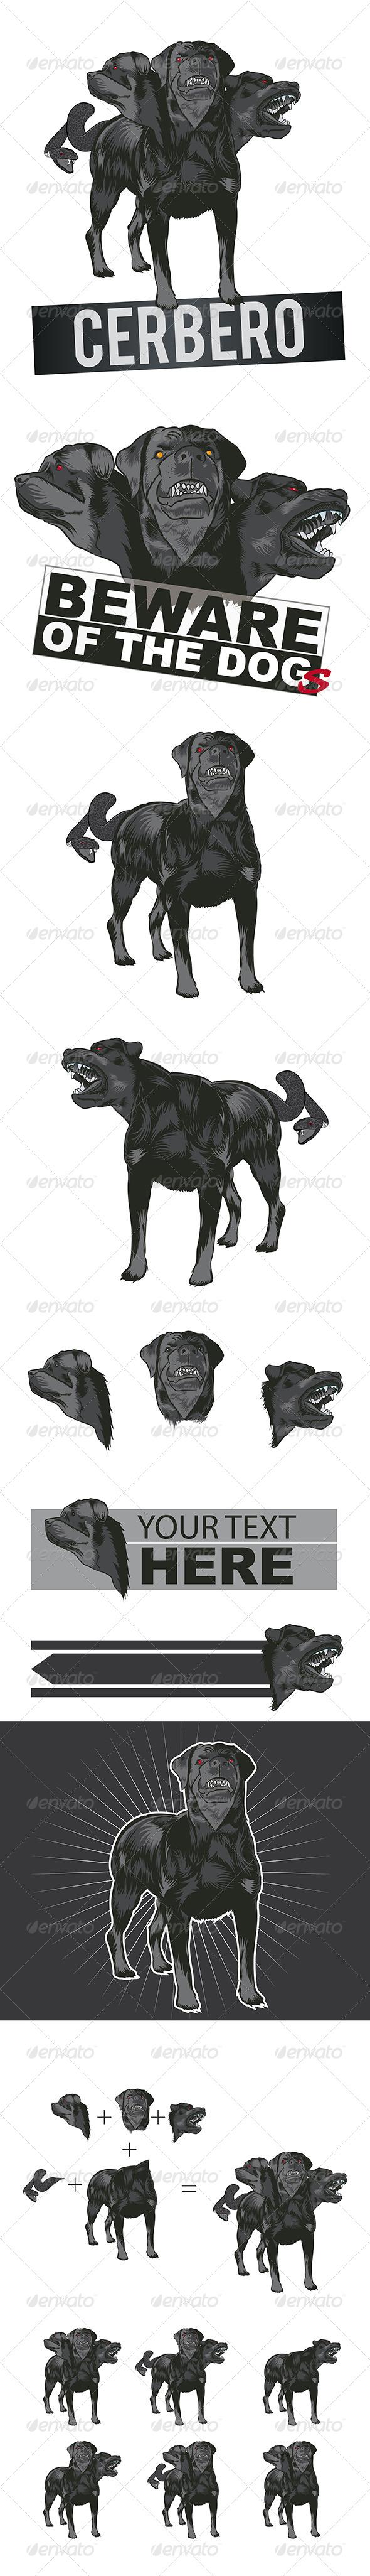 GraphicRiver Dog Mascot Cerberus 7025544